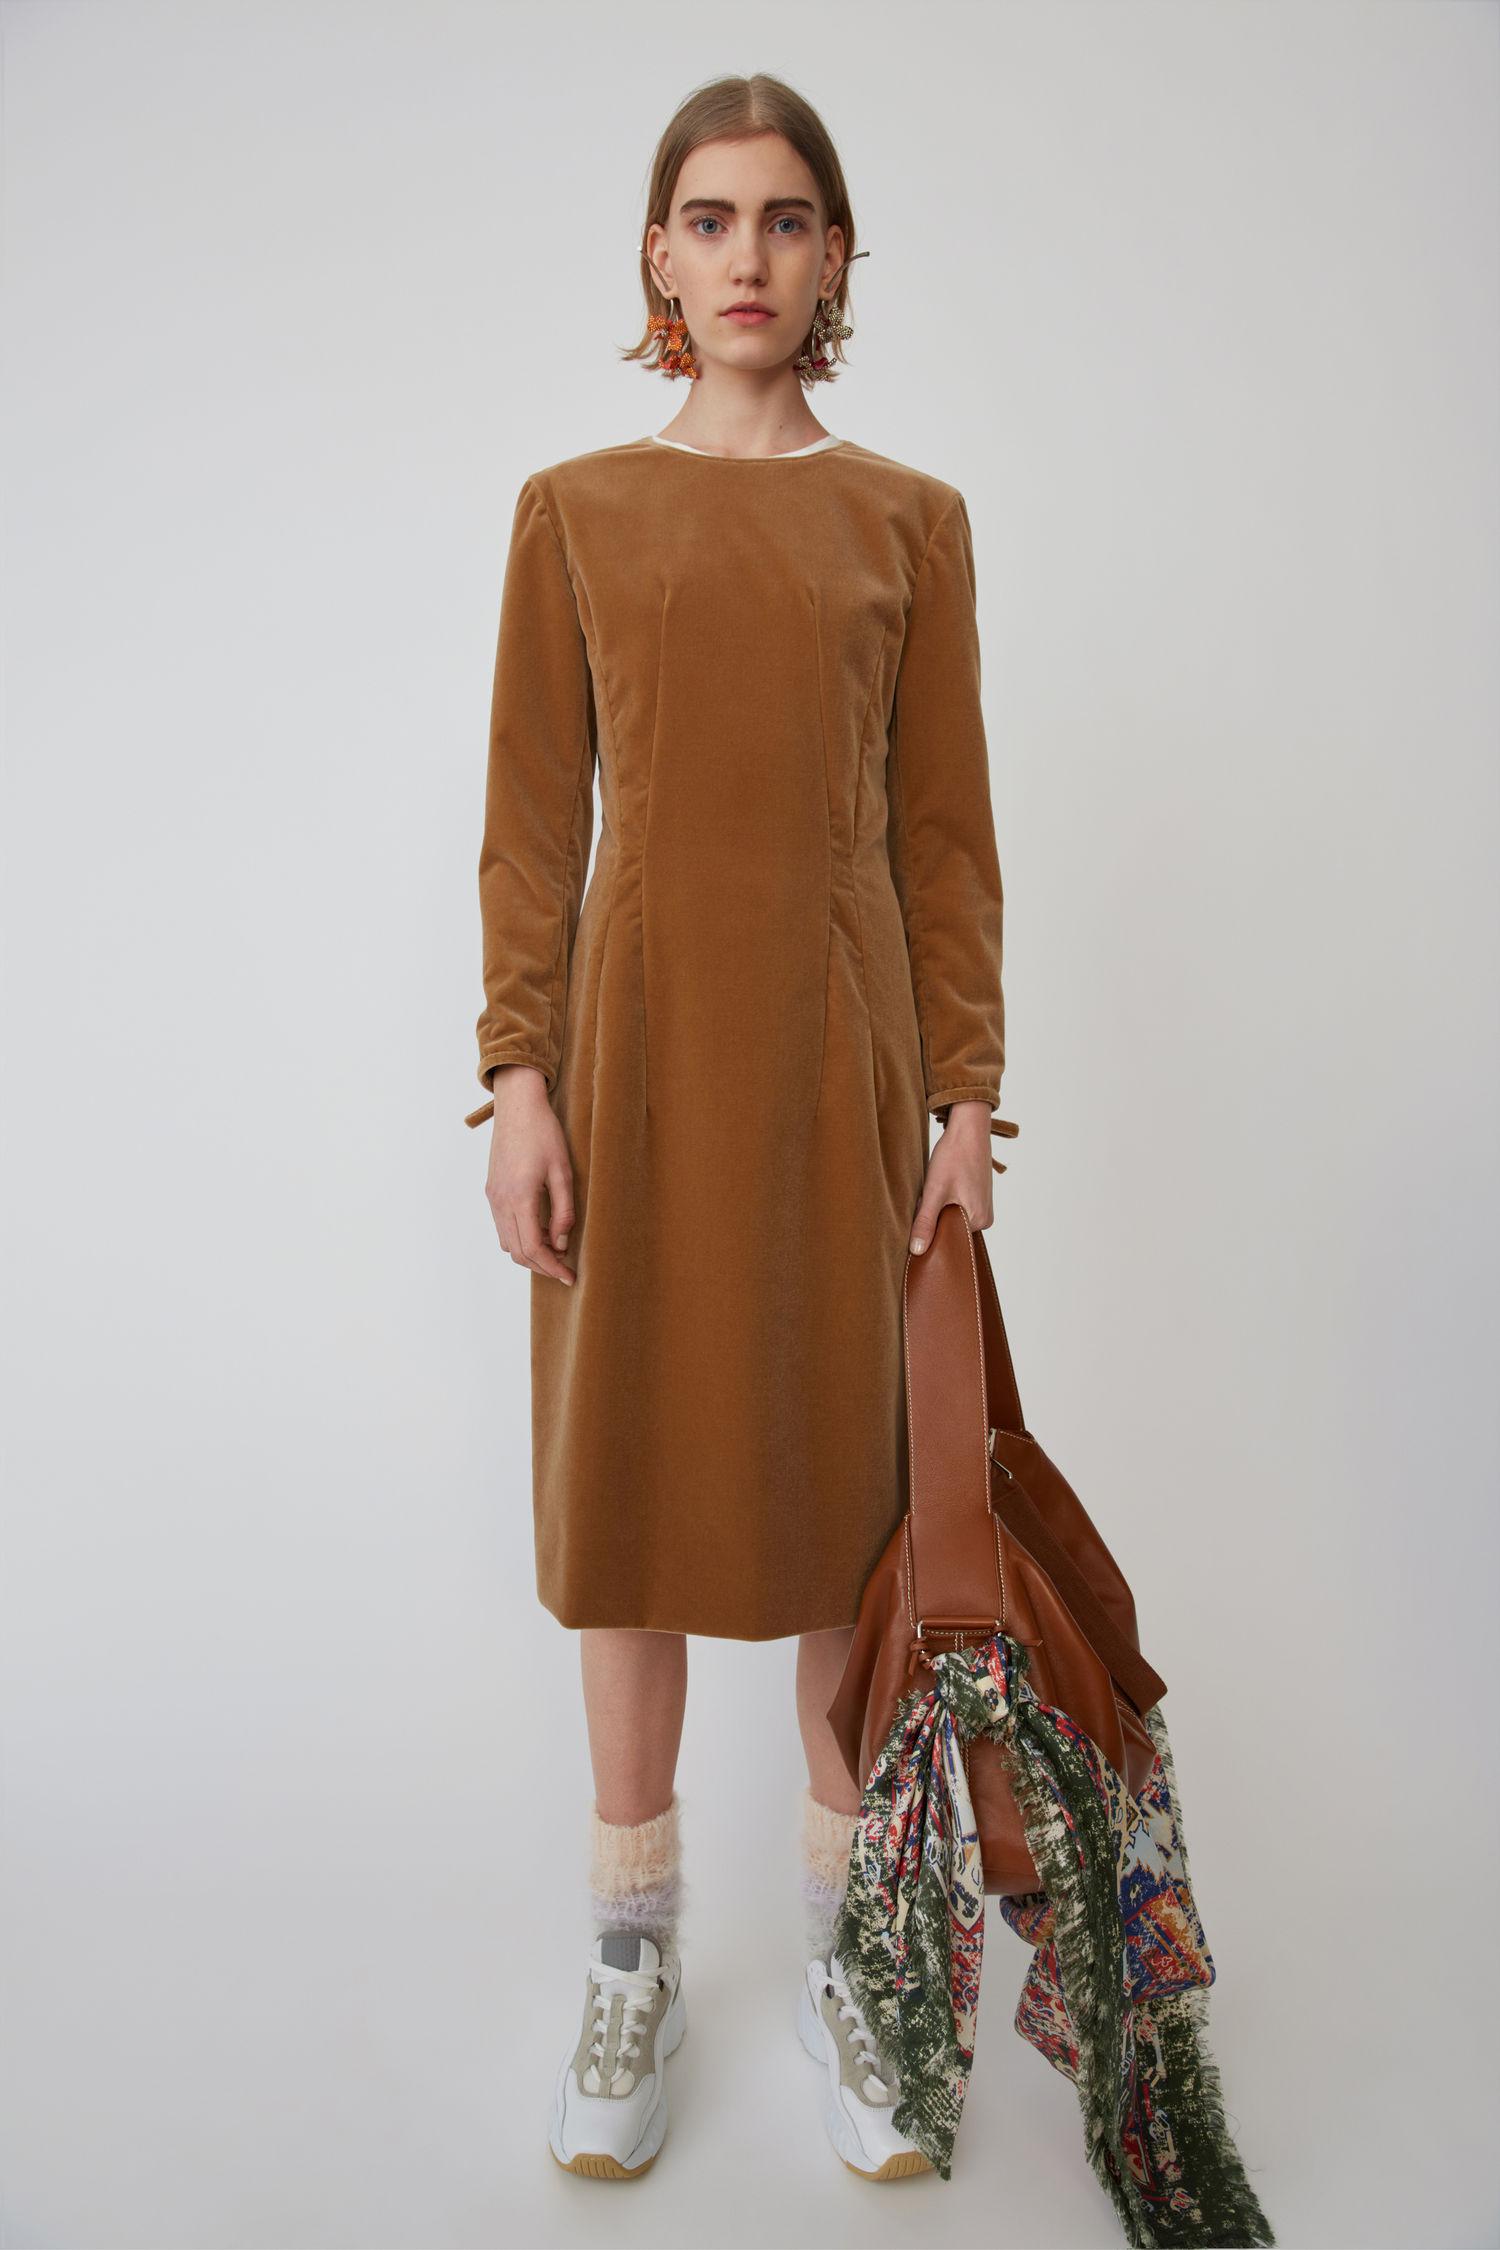 ACNE STUDIOS Velvet dress camel brown